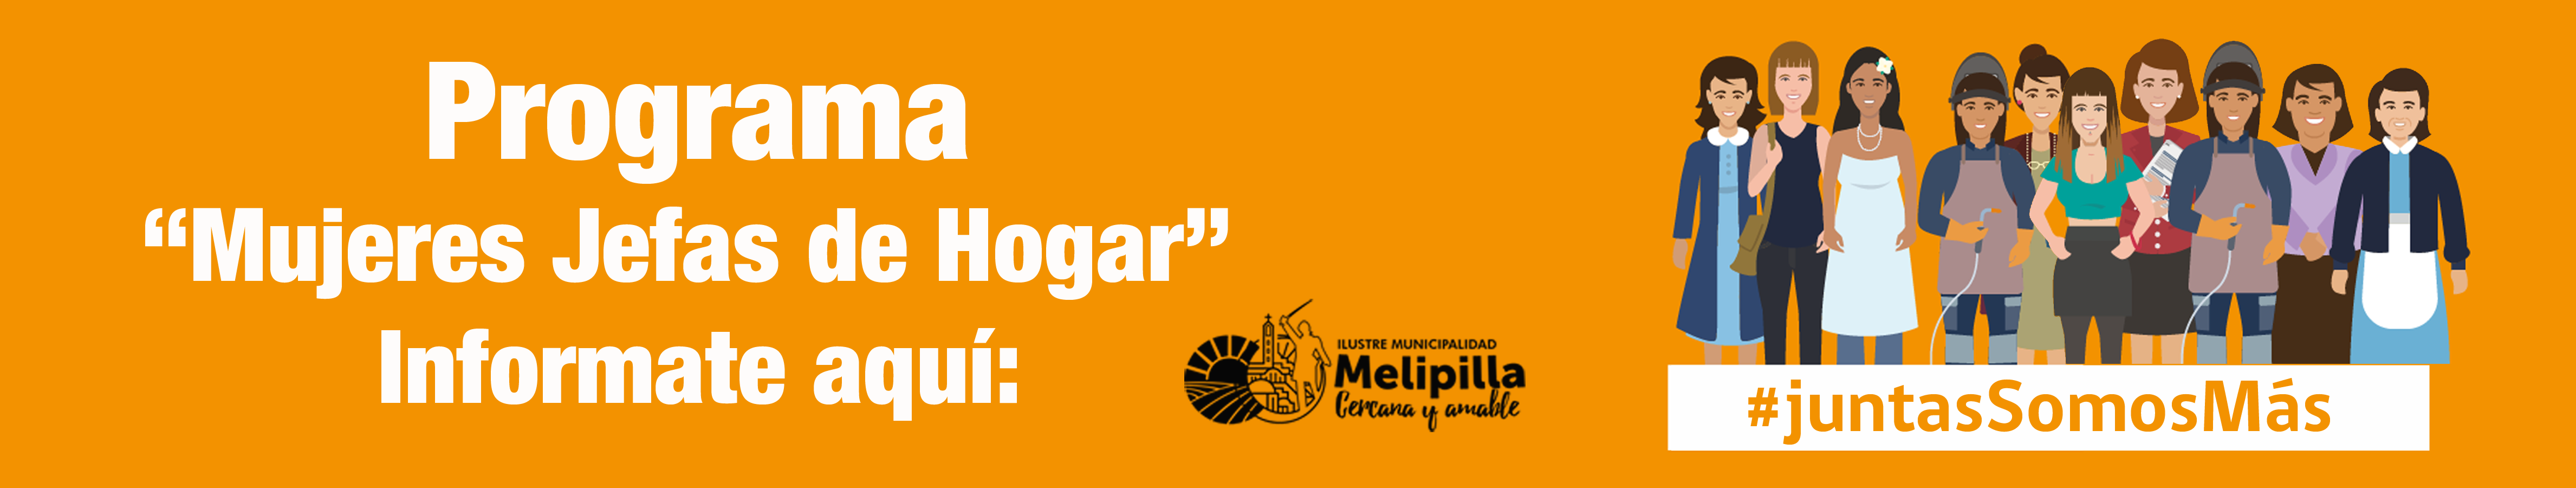 slider-MUJERES-JEFAS-DE-HOGAR-copia